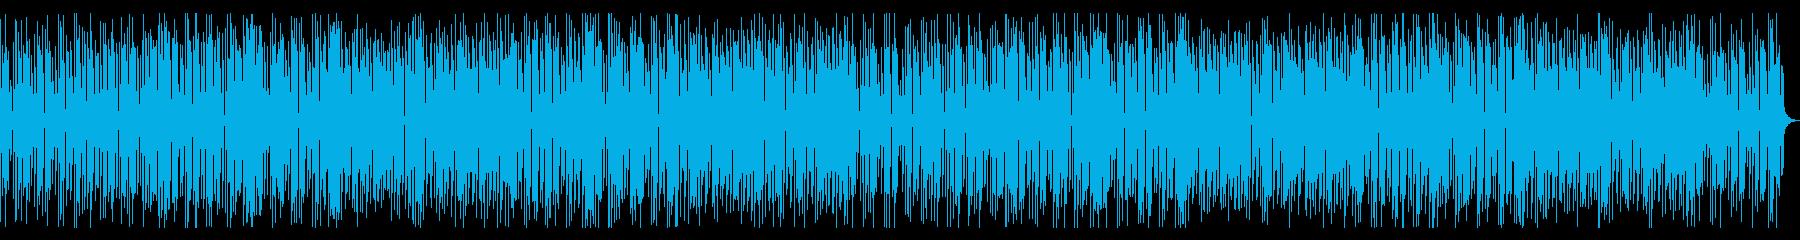 軽快で楽しいレトロゲーム風電子音の再生済みの波形